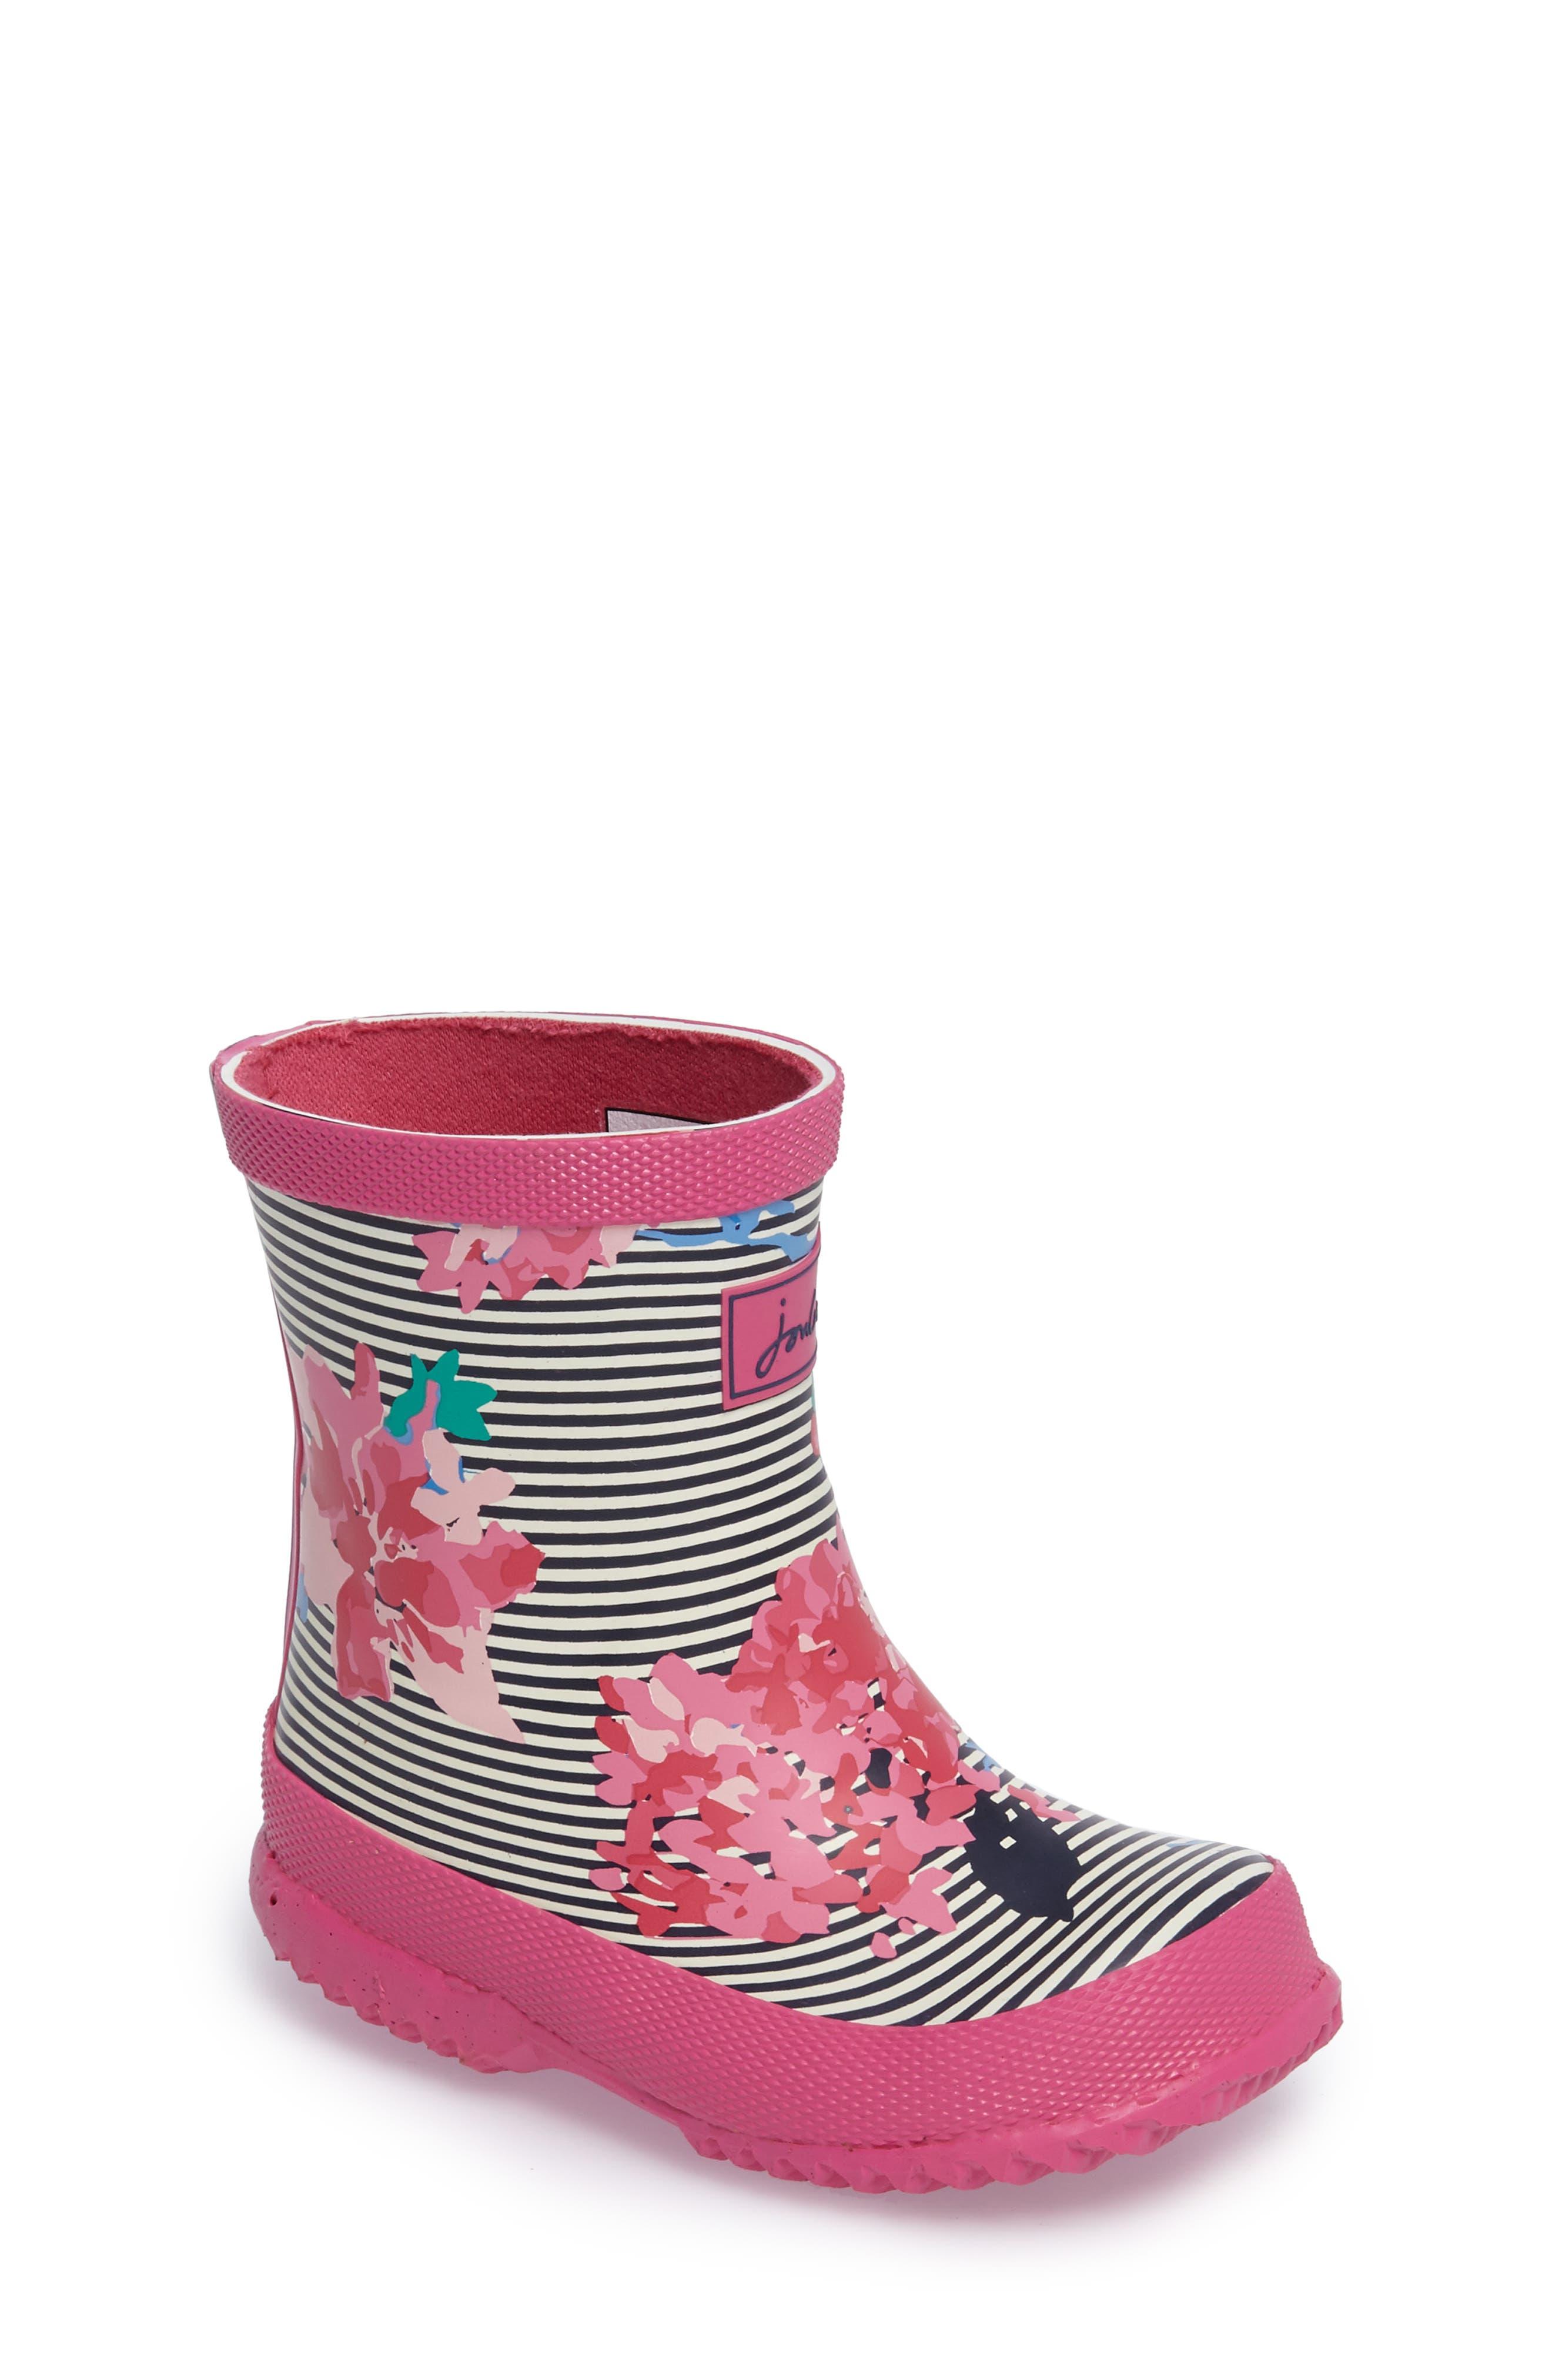 Joules Printed Waterproof Rain Boot (Walker, Toddler & Little Kid)